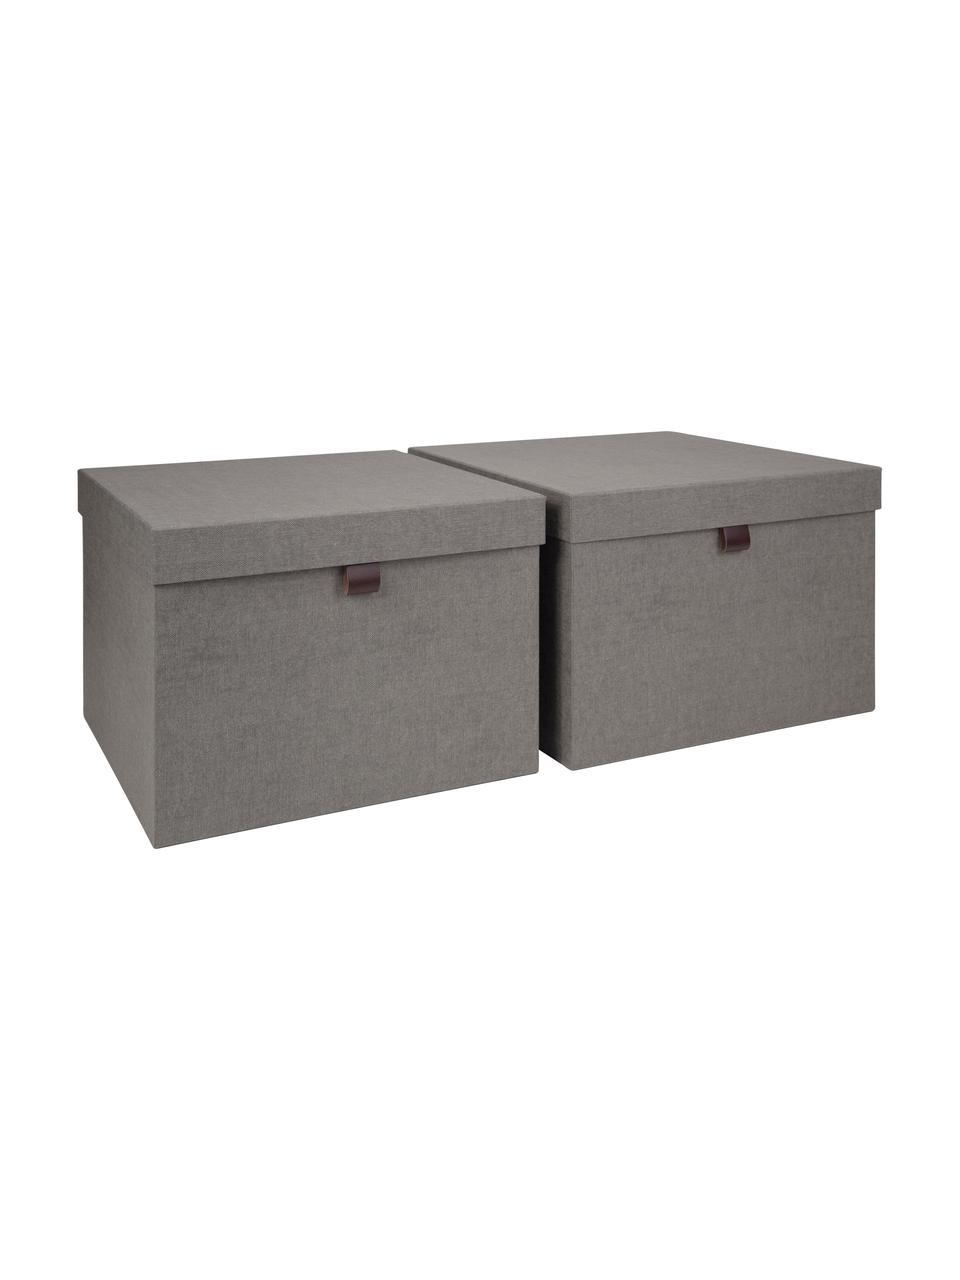 Set 2 scatole Tristan, Scatola: solido, cartone laminato, Manico: pelle, Grigio, Set in varie misure